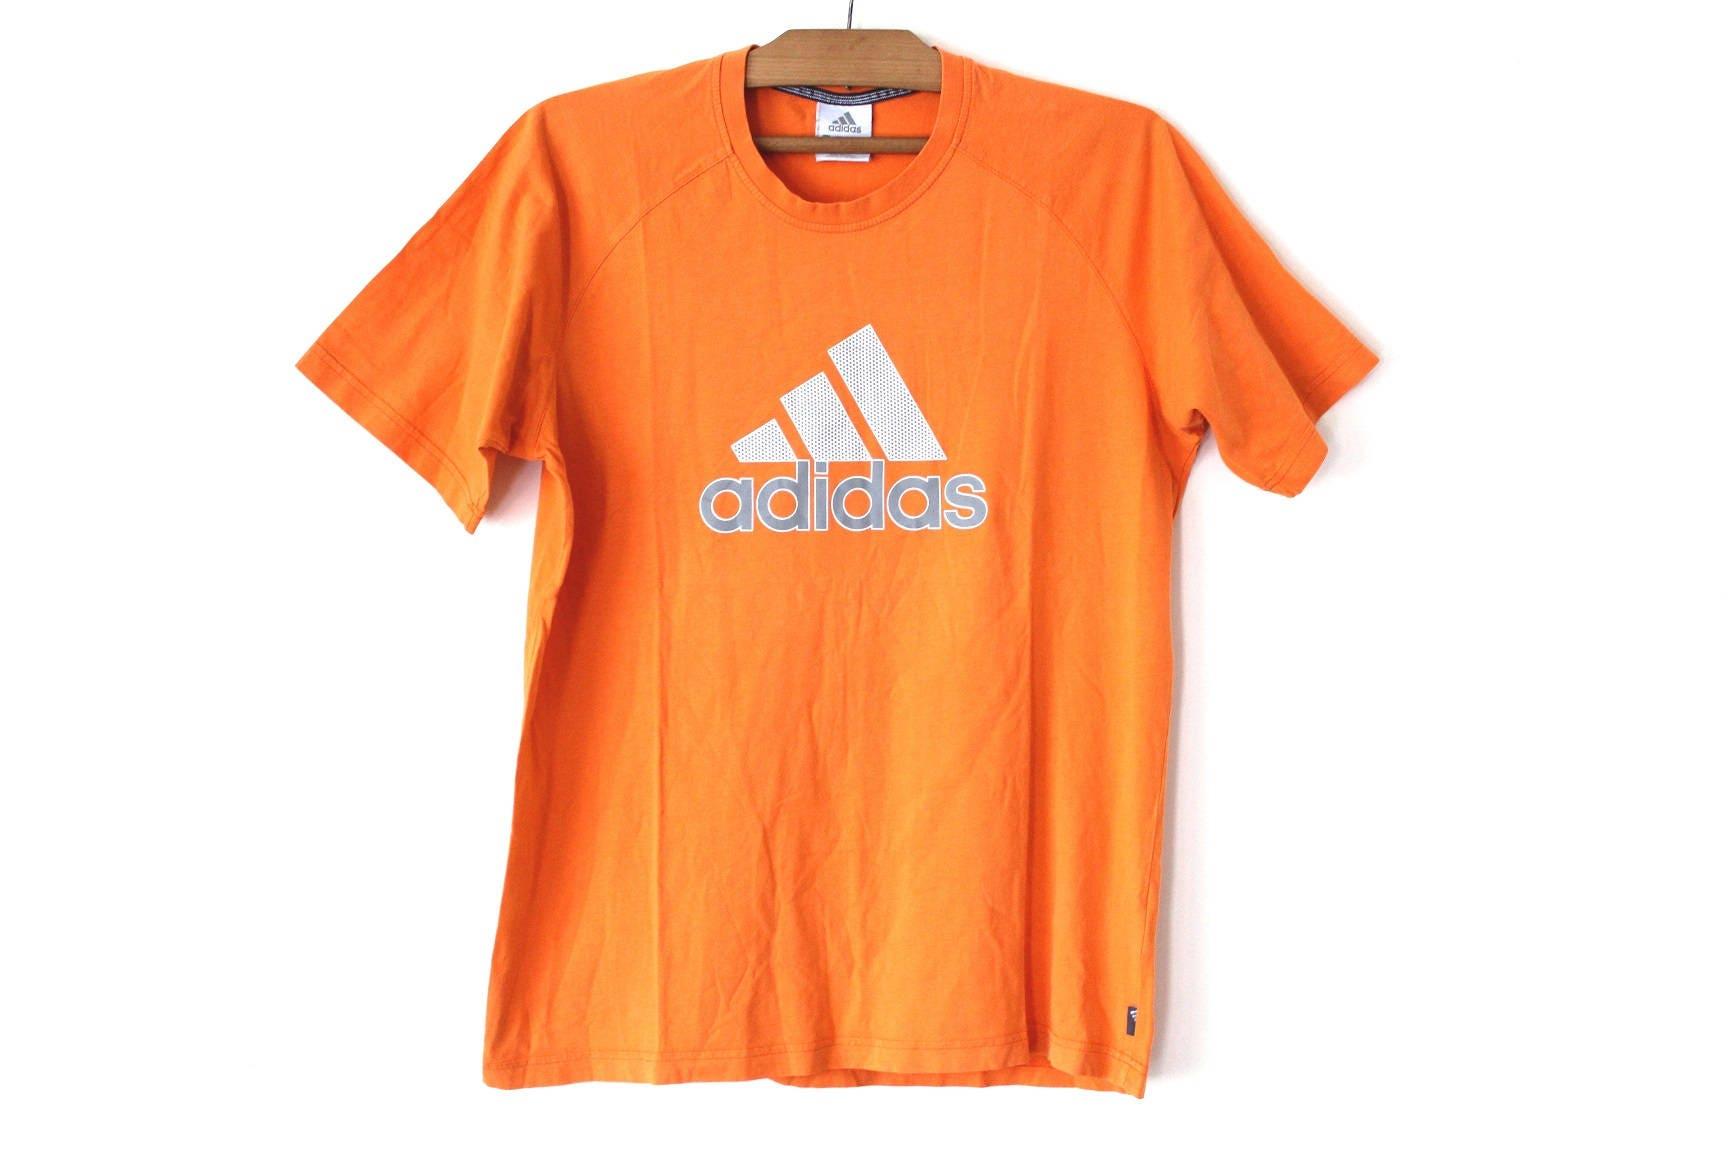 90 Sweatshirt 's Vintage Adidas Tshirt OrangeEtsy wn8v0OmN